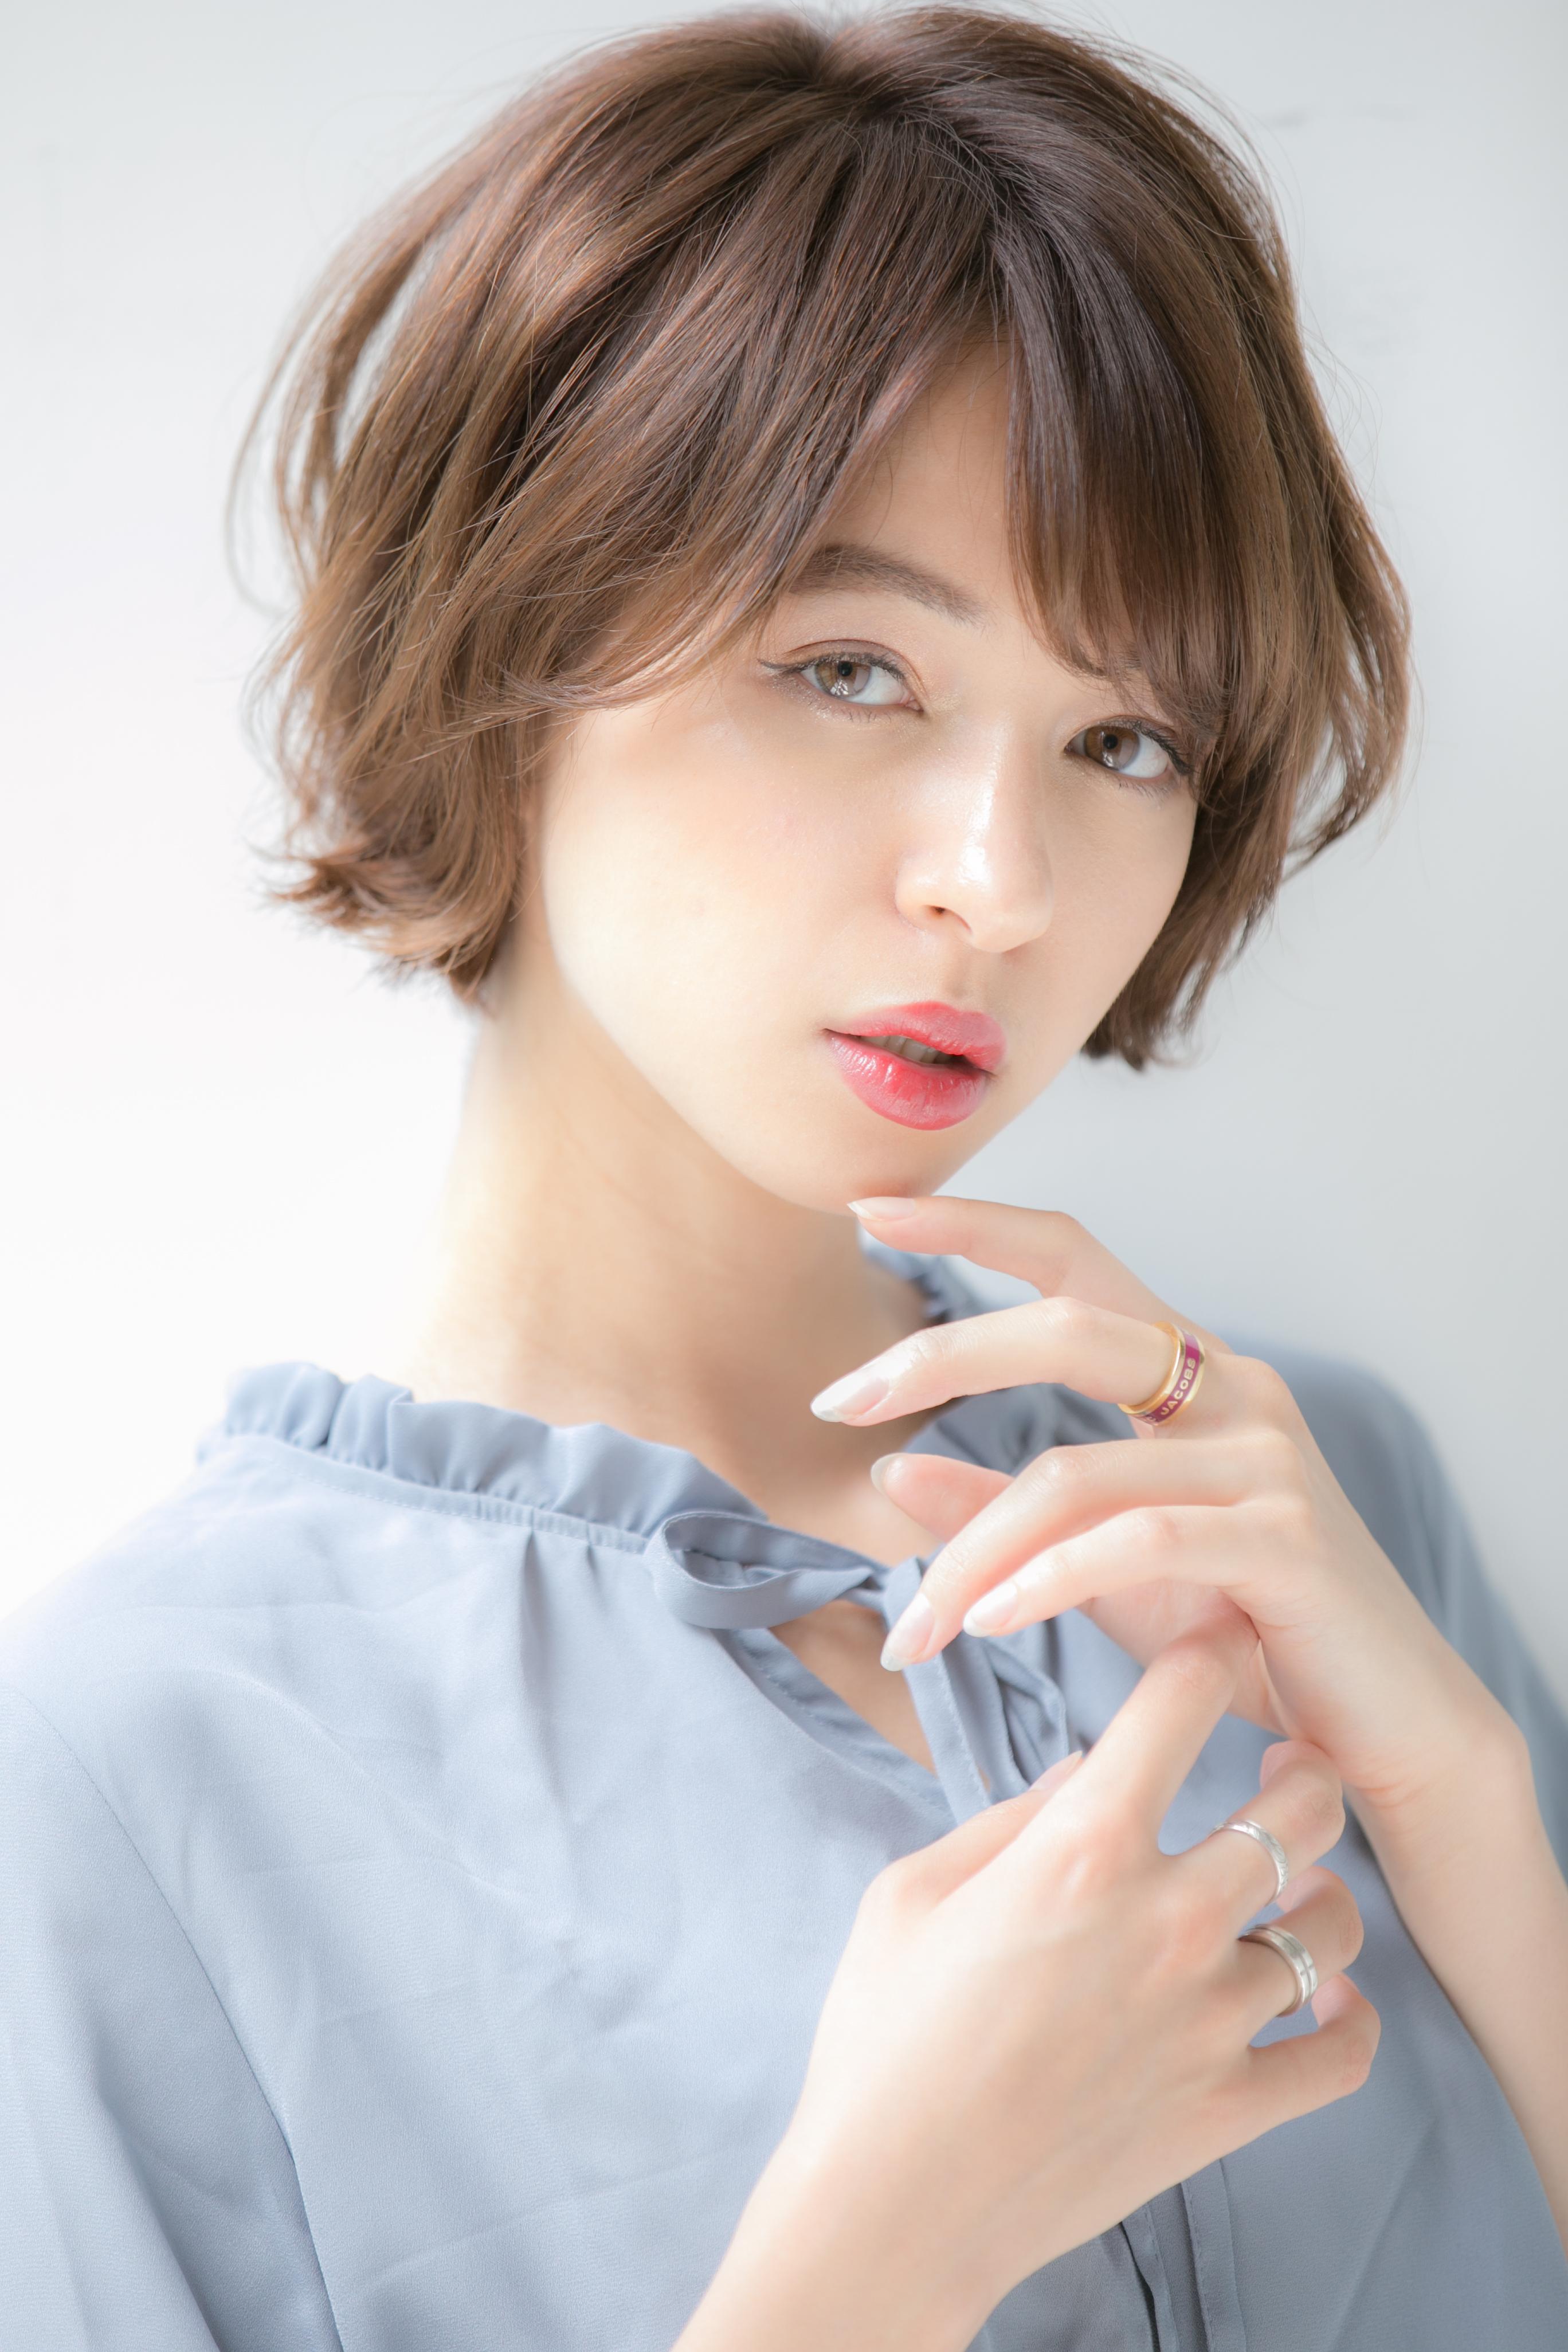 【Euphoria 小顔】ふんわりショート 担当 渋谷